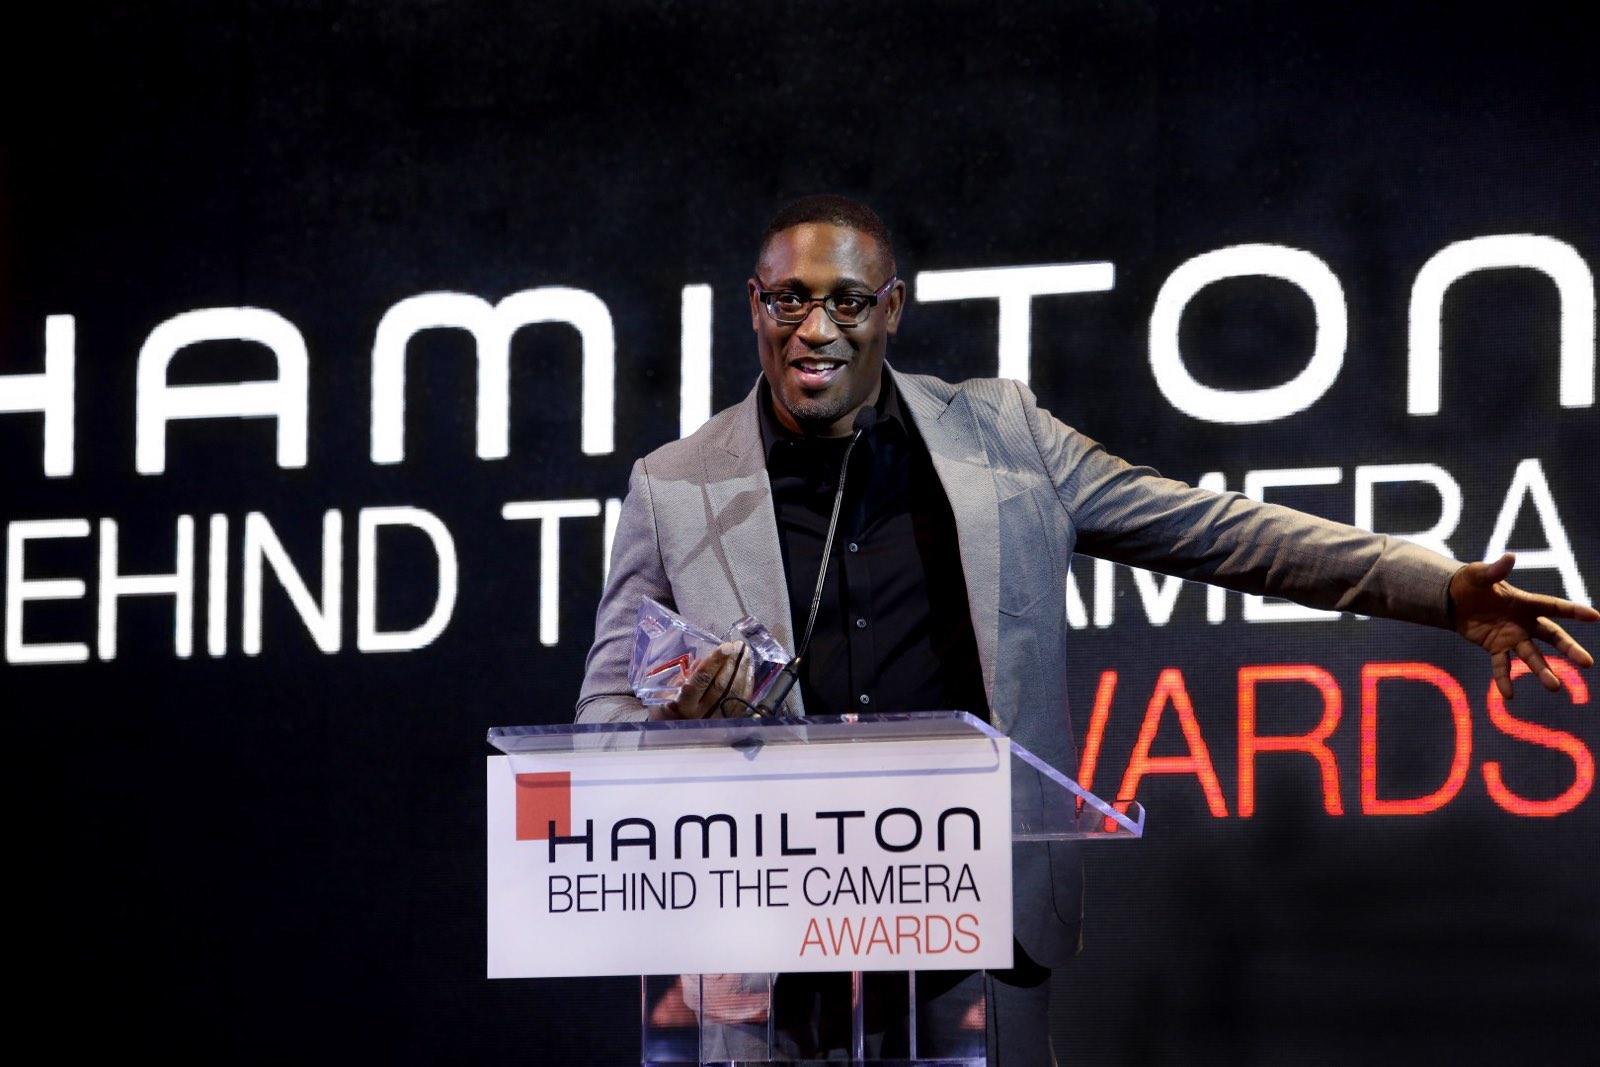 Hamilton-Behind-the-Camera-Awards-2018-1